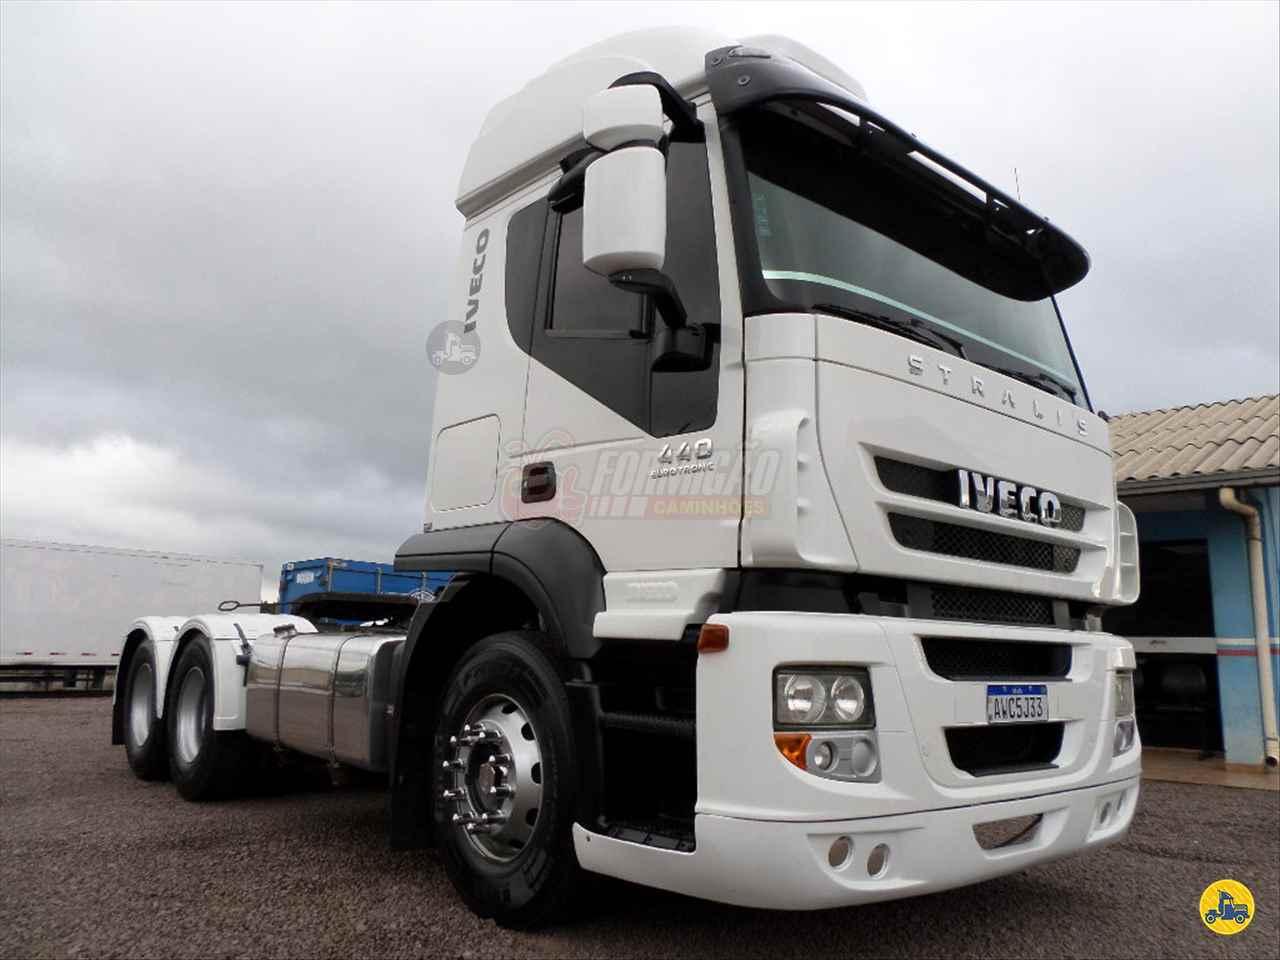 CAMINHAO IVECO STRALIS 440 Cavalo Mecânico Truck 6x2 Formigão Caminhões CASCAVEL PARANÁ PR